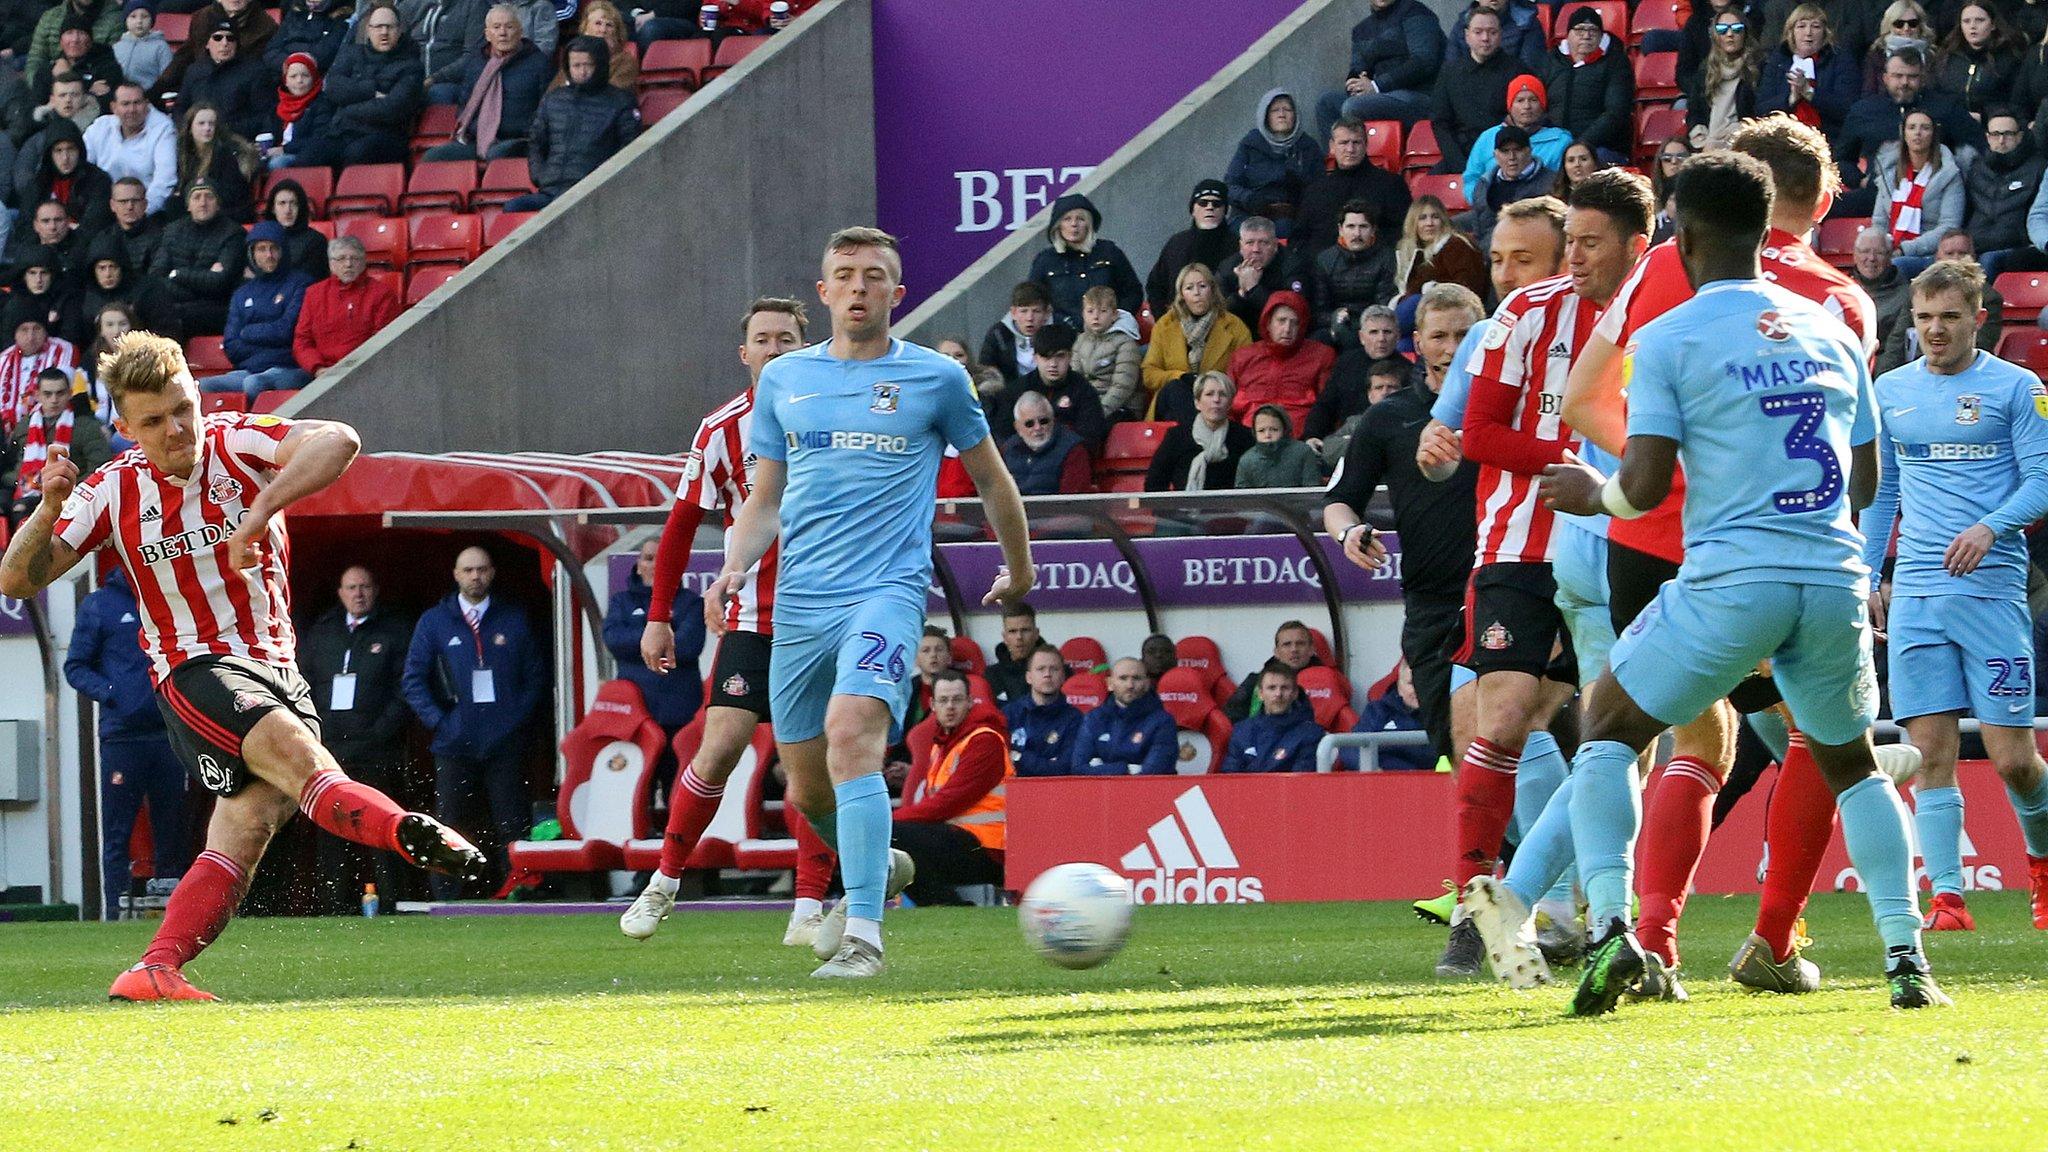 Sunderland 4-5 Coventry City